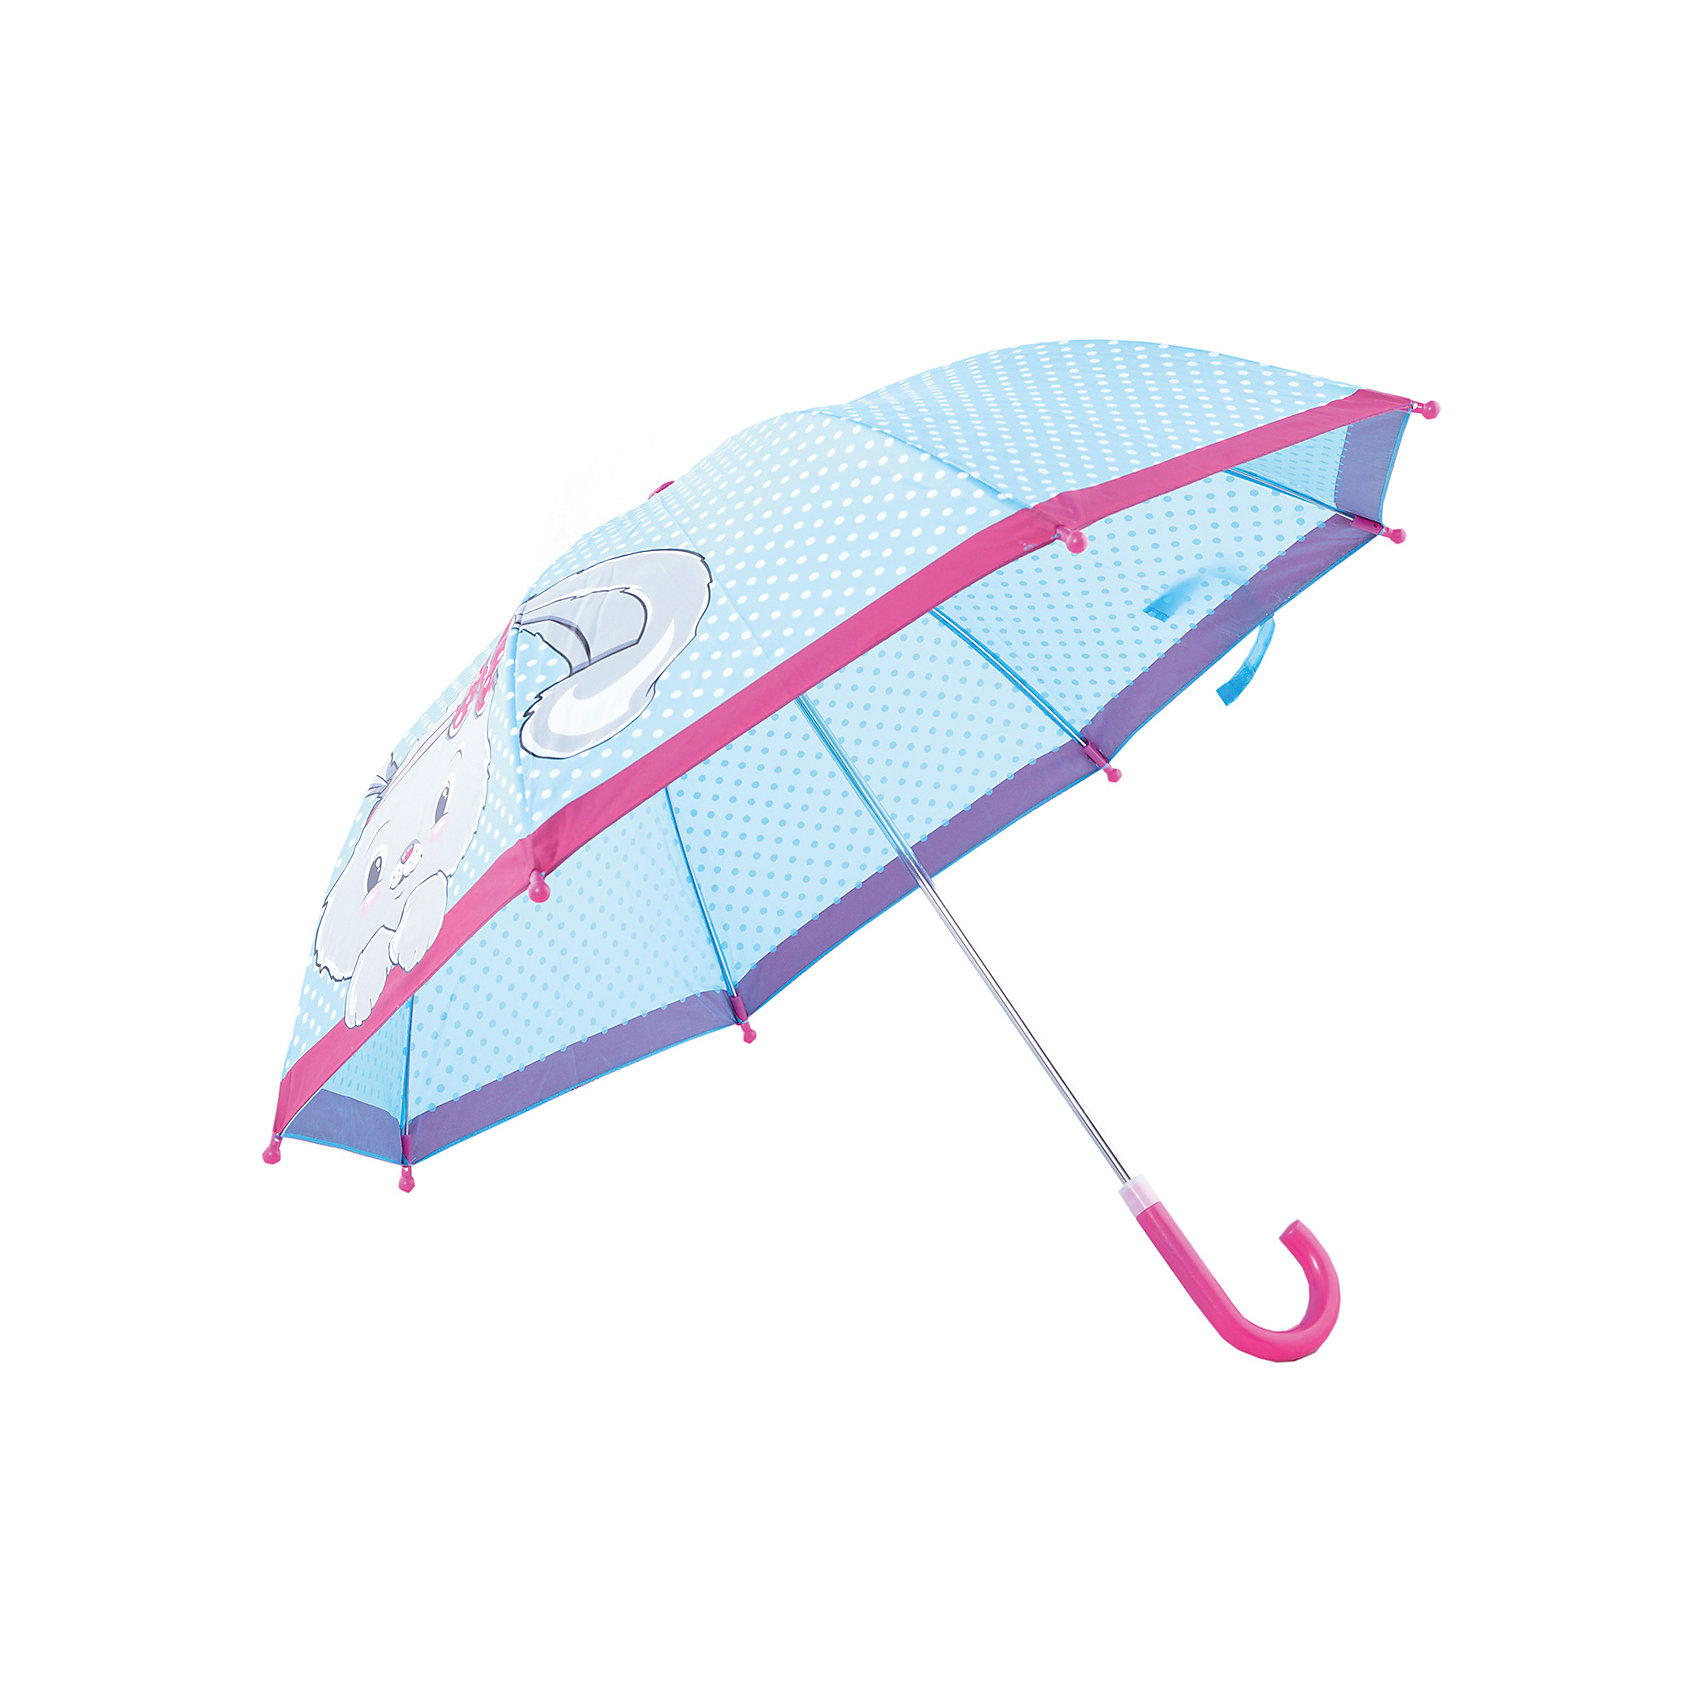 Зонт детский Зайка, 41см.Яркий и удобный зонтик для малышей Зайка. Радиус: 41 см. Длина ручки: 57 см.<br><br>Ширина мм: 535<br>Глубина мм: 500<br>Высота мм: 800<br>Вес г: 200<br>Возраст от месяцев: 36<br>Возраст до месяцев: 2147483647<br>Пол: Женский<br>Возраст: Детский<br>SKU: 5508508